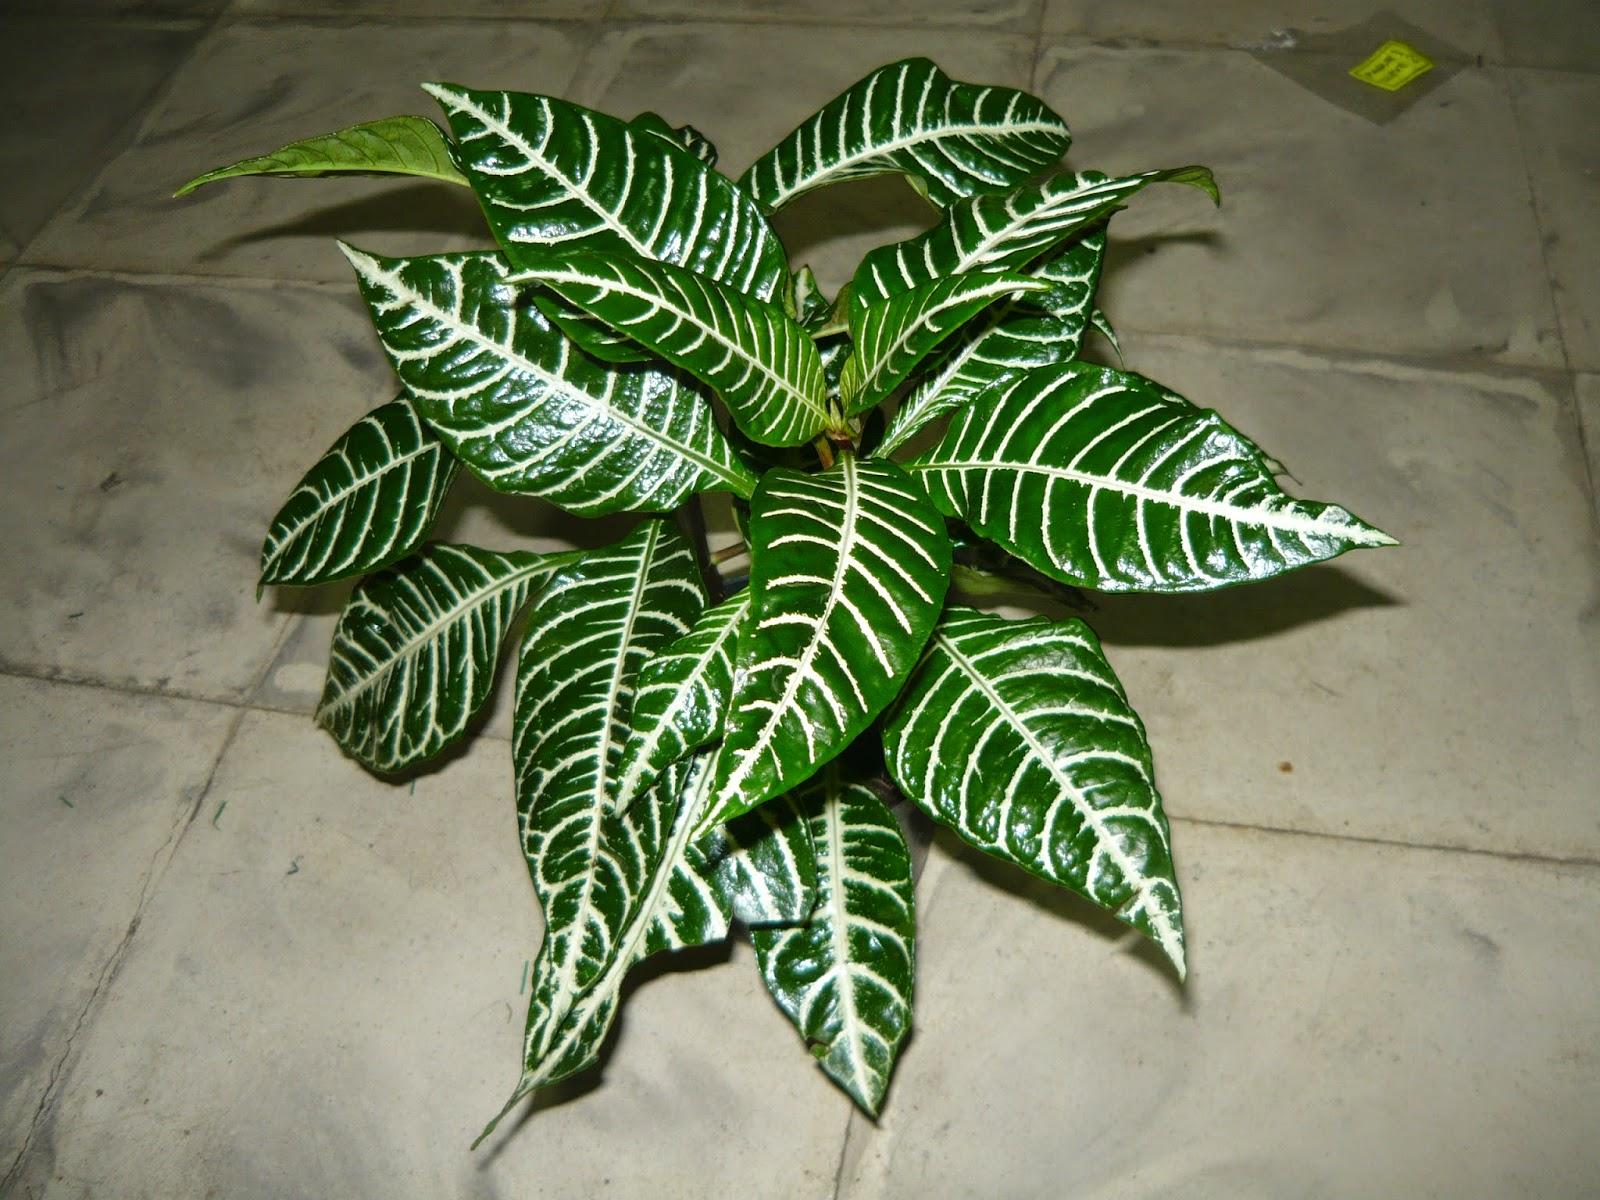 Vivero san francisco plantas ornamentales carrera 46b for Vivero mi planta